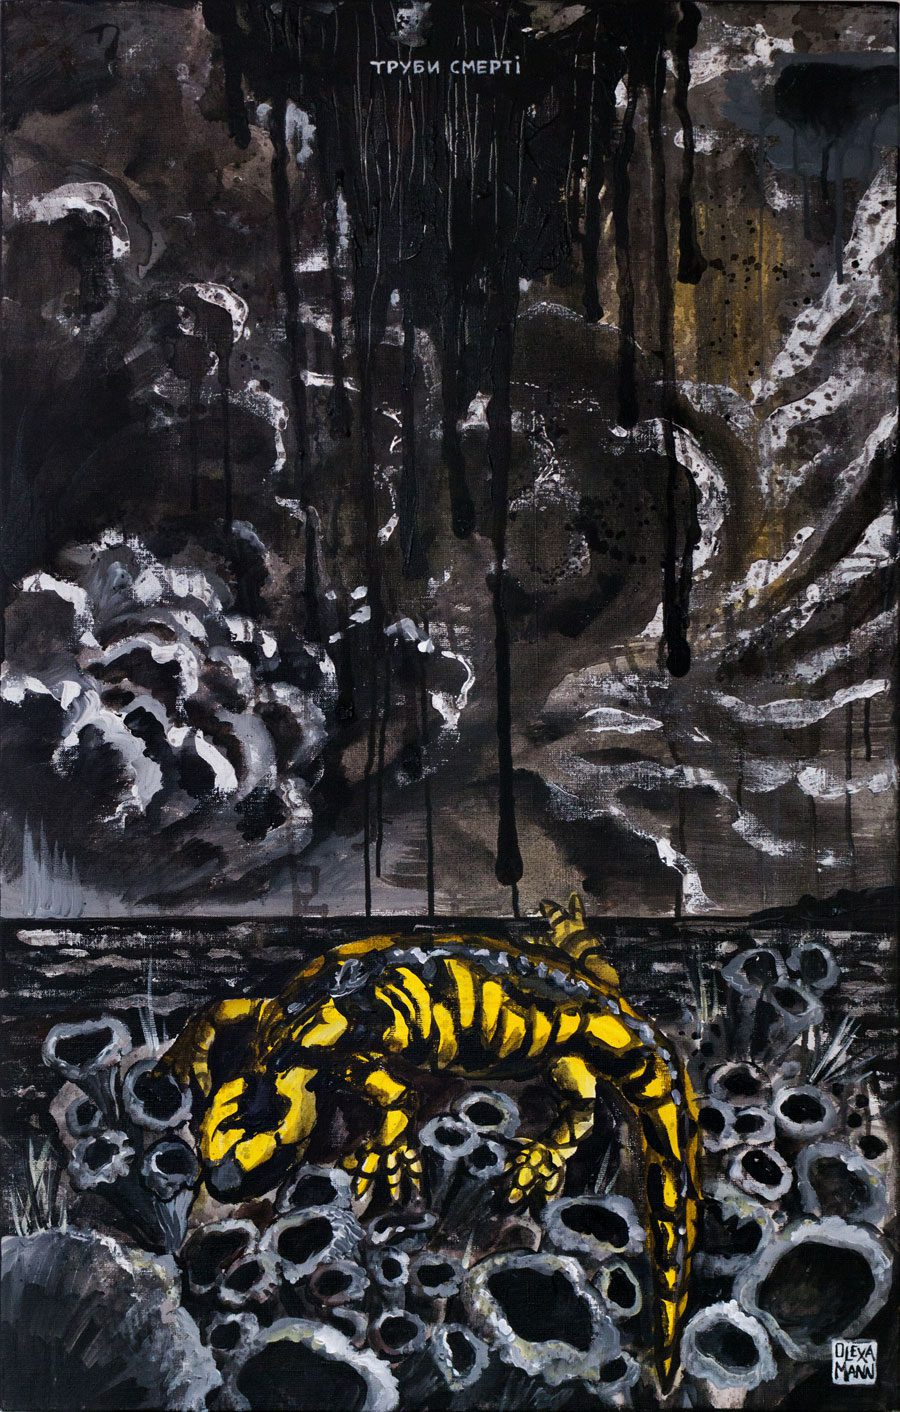 olexa mann P1750632 - «Чорний період»: «Райони», гармонія та крейда у роботах Олекси Манна - Заборона